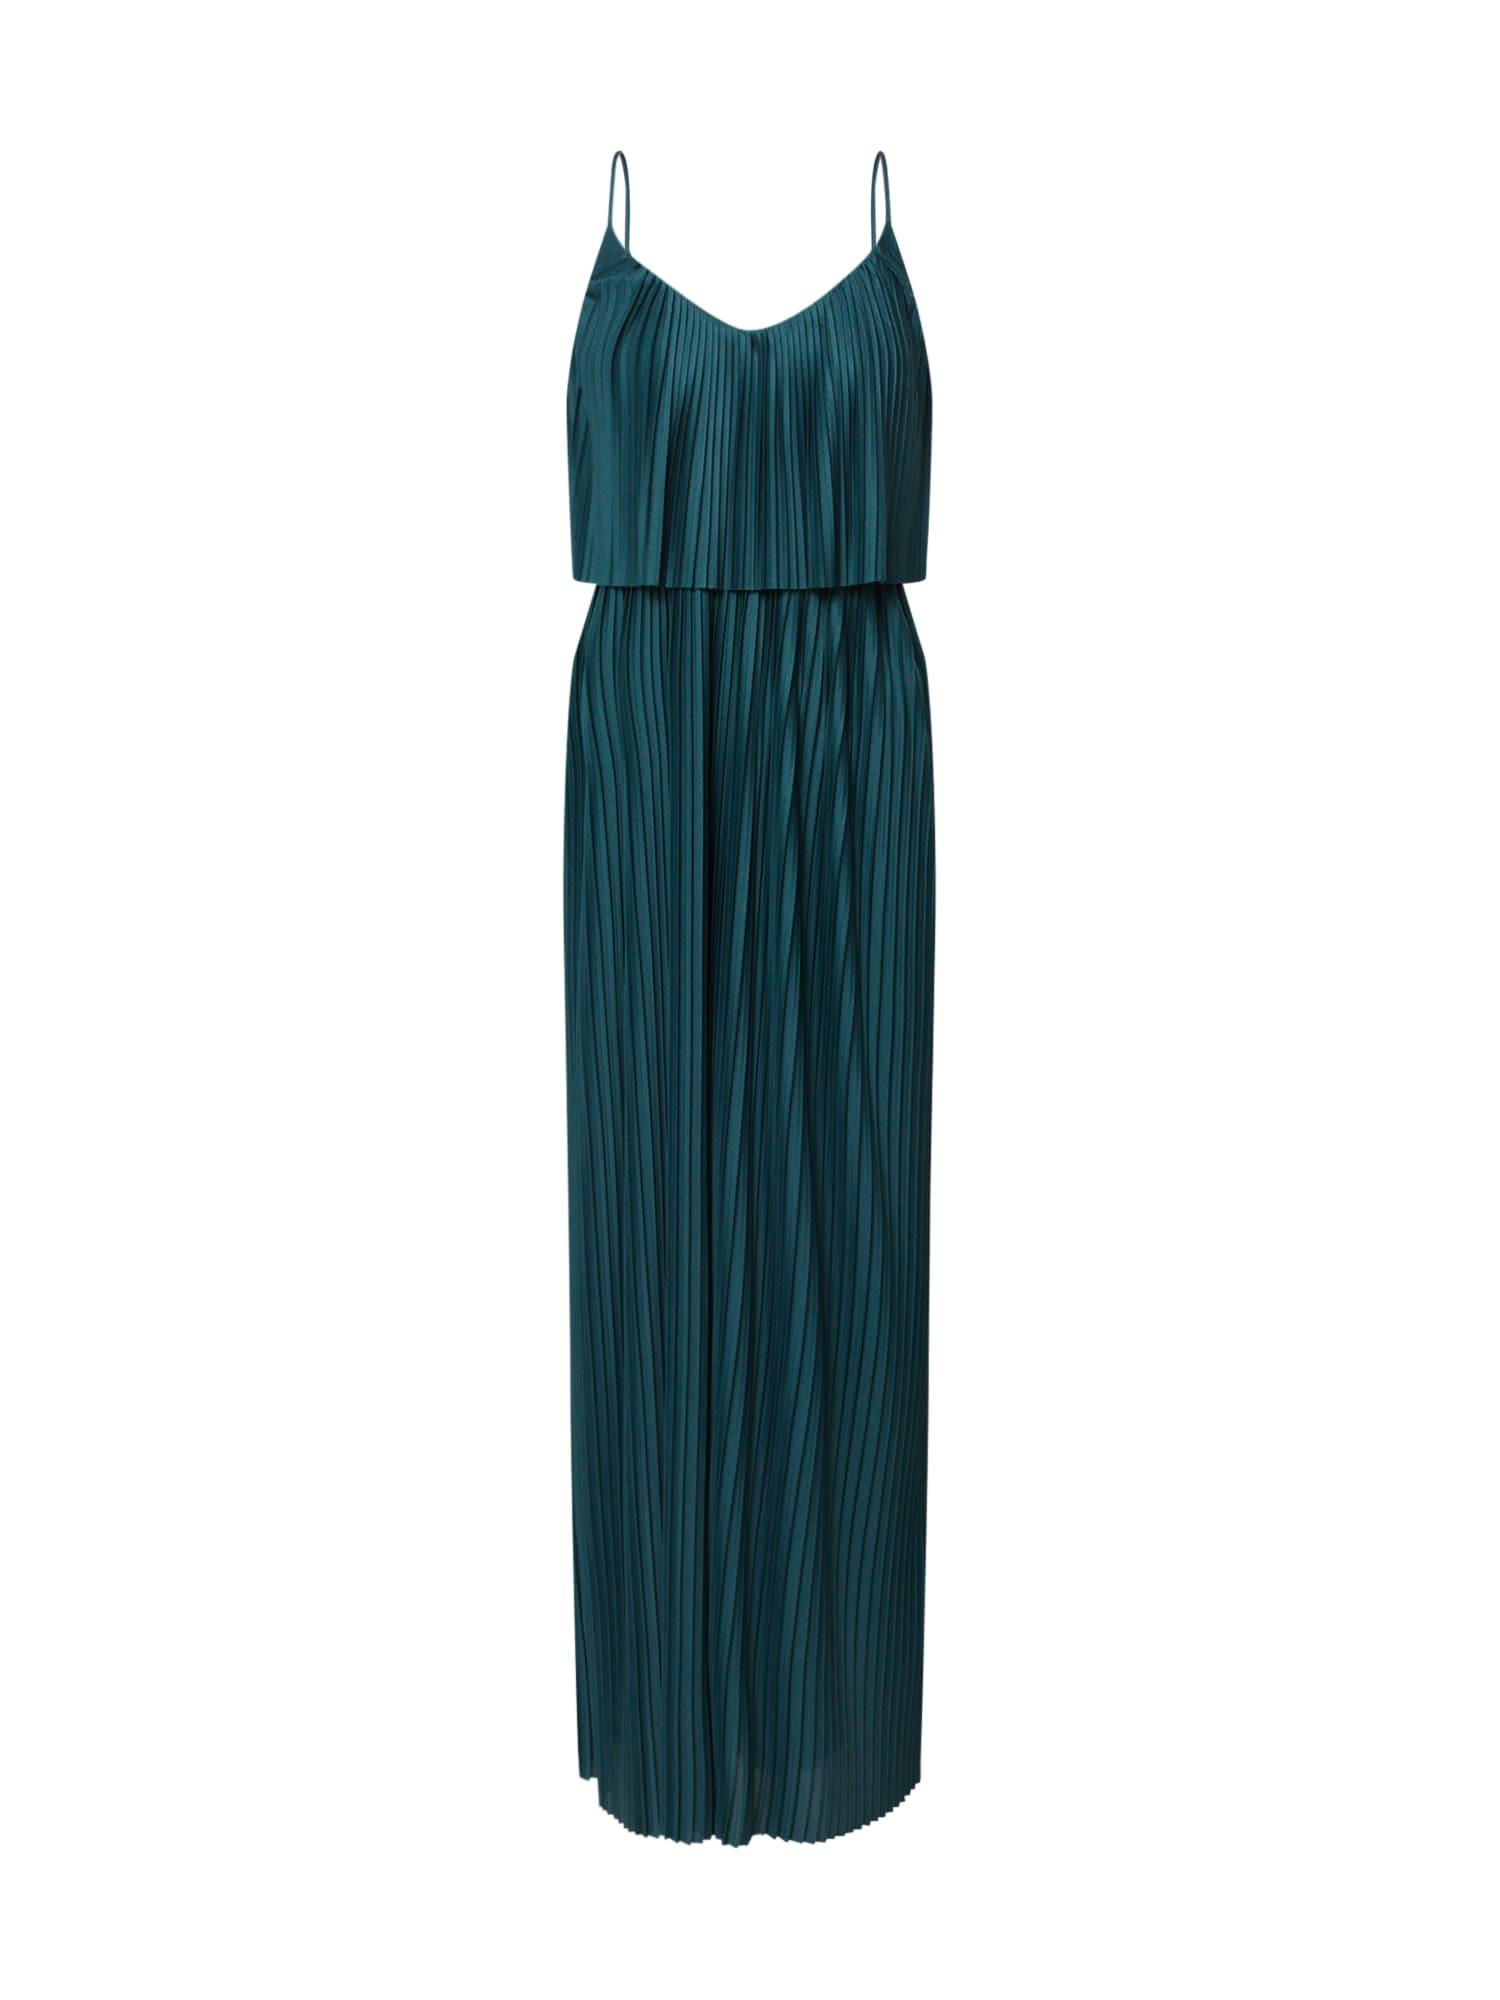 ABOUT YOU Vasarinė suknelė 'Nadia' tamsiai žalia / žalia